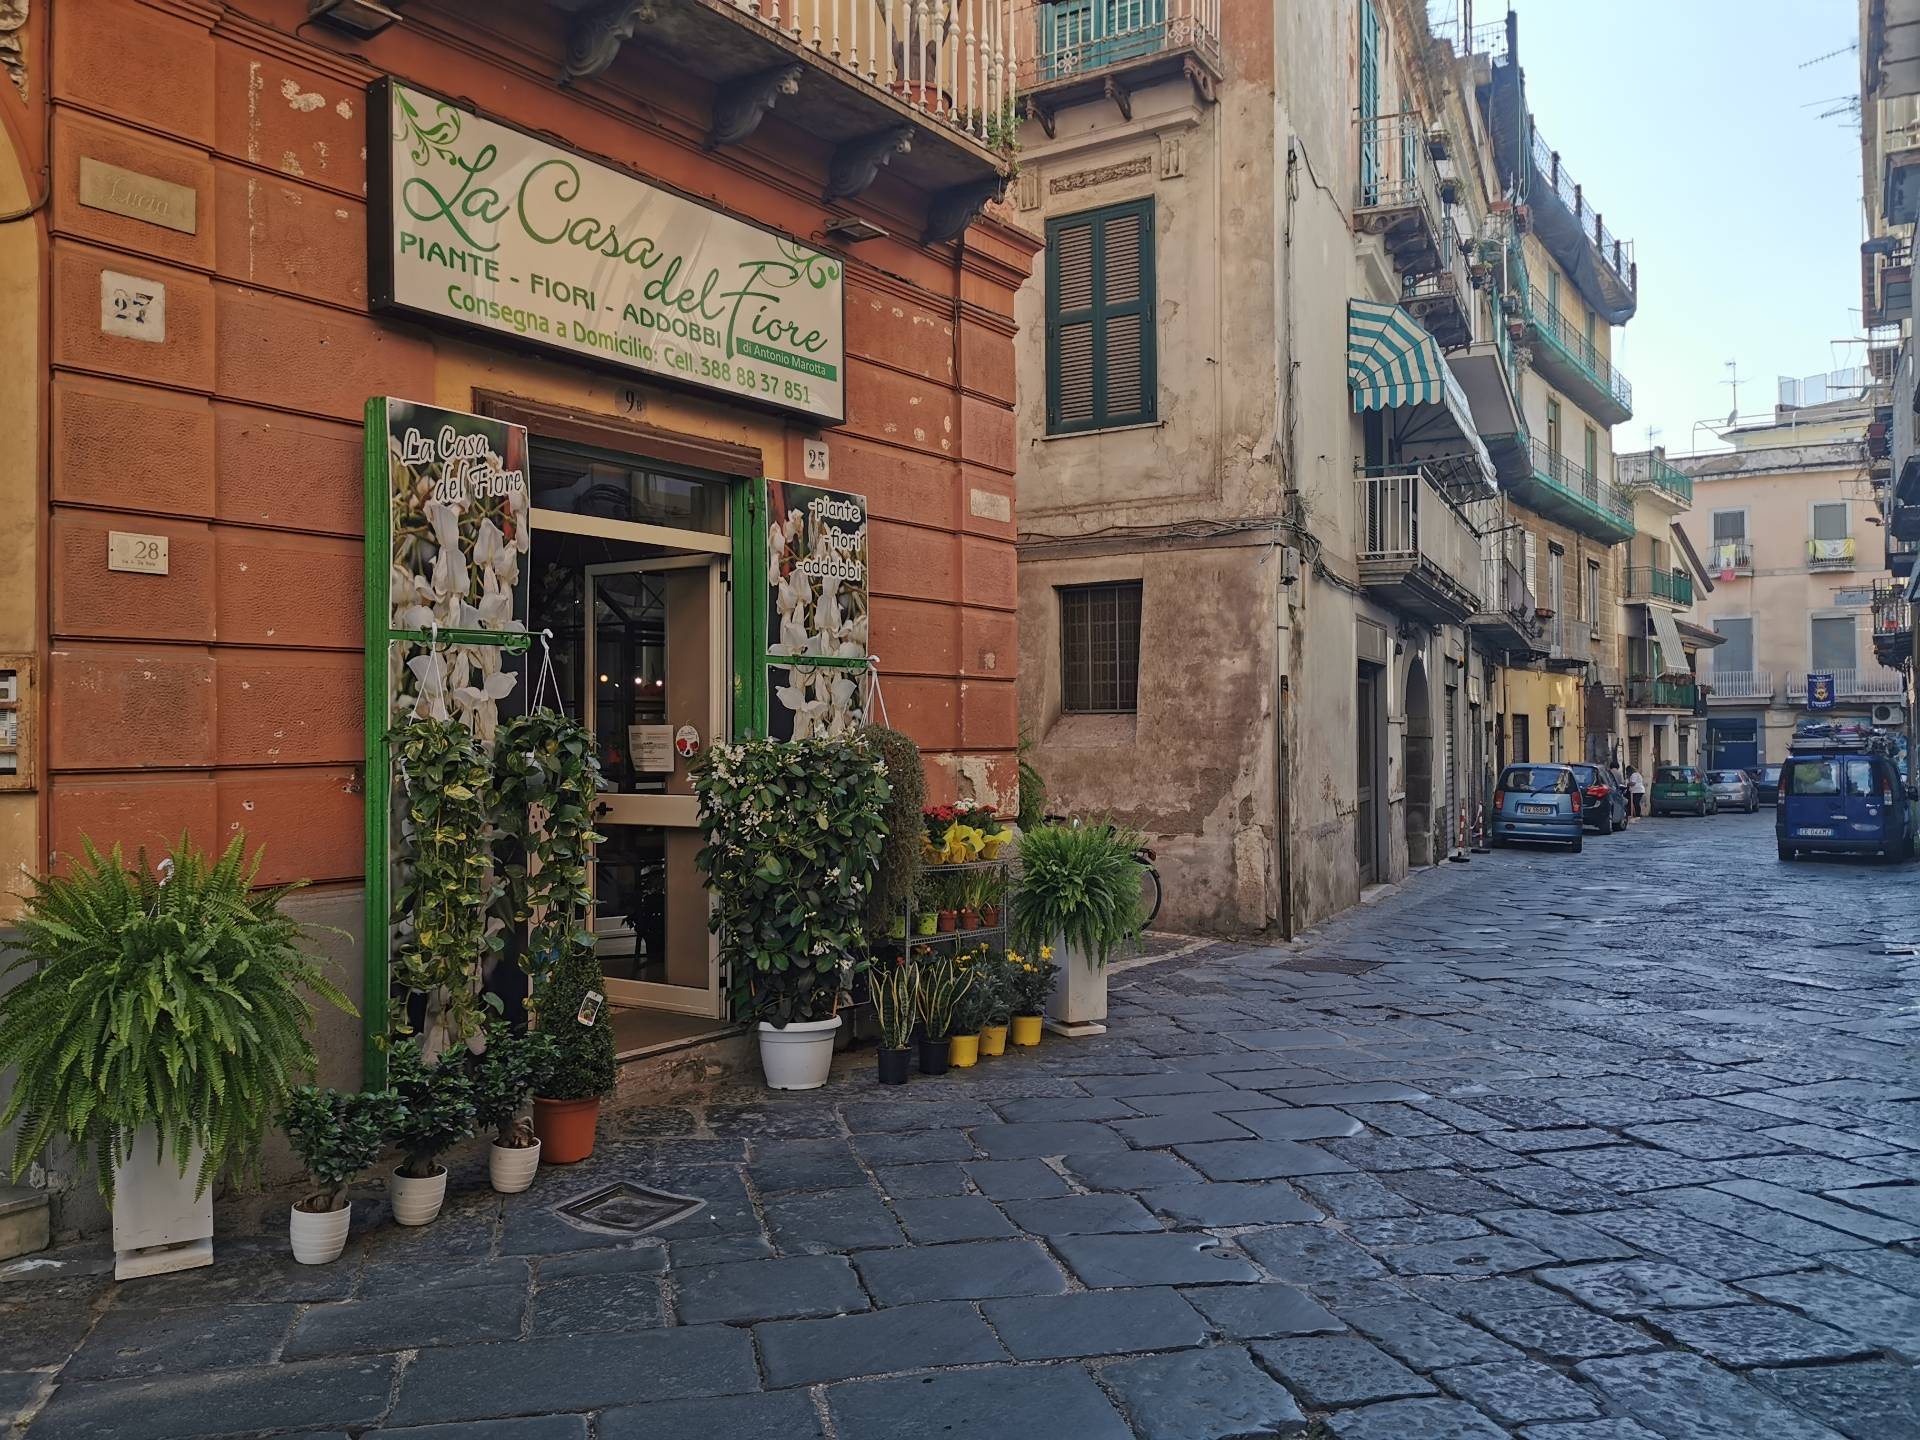 Negozio / Locale in vendita a Nola, 9999 locali, prezzo € 43.000 | CambioCasa.it